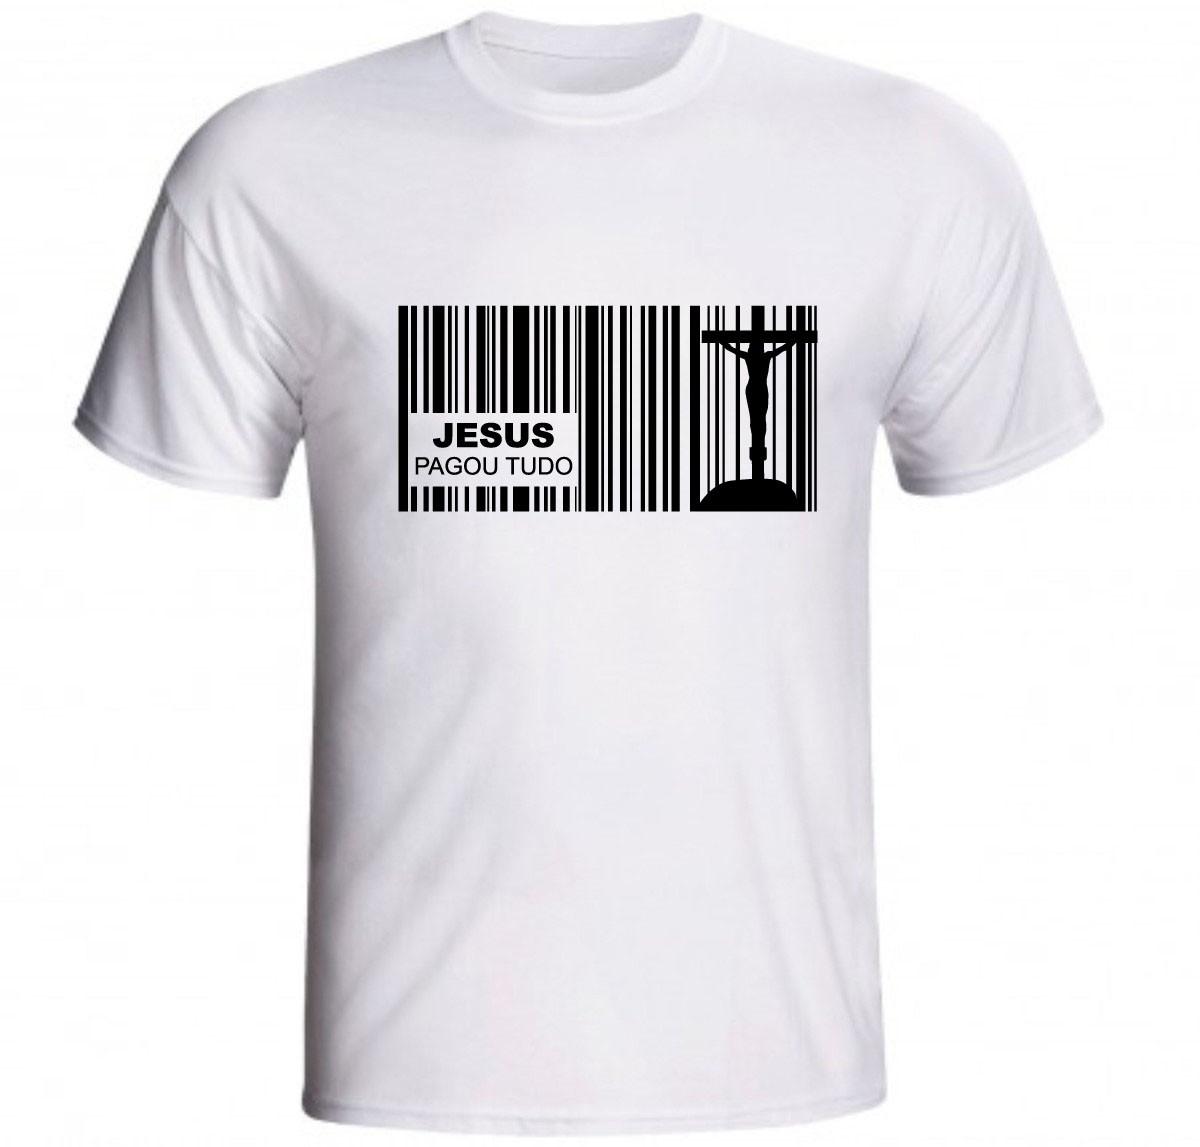 270e42fc7 Camiseta Jesus Pagou Tudo Boleto Dívida Amor Cruz Cristo no Elo7 ...